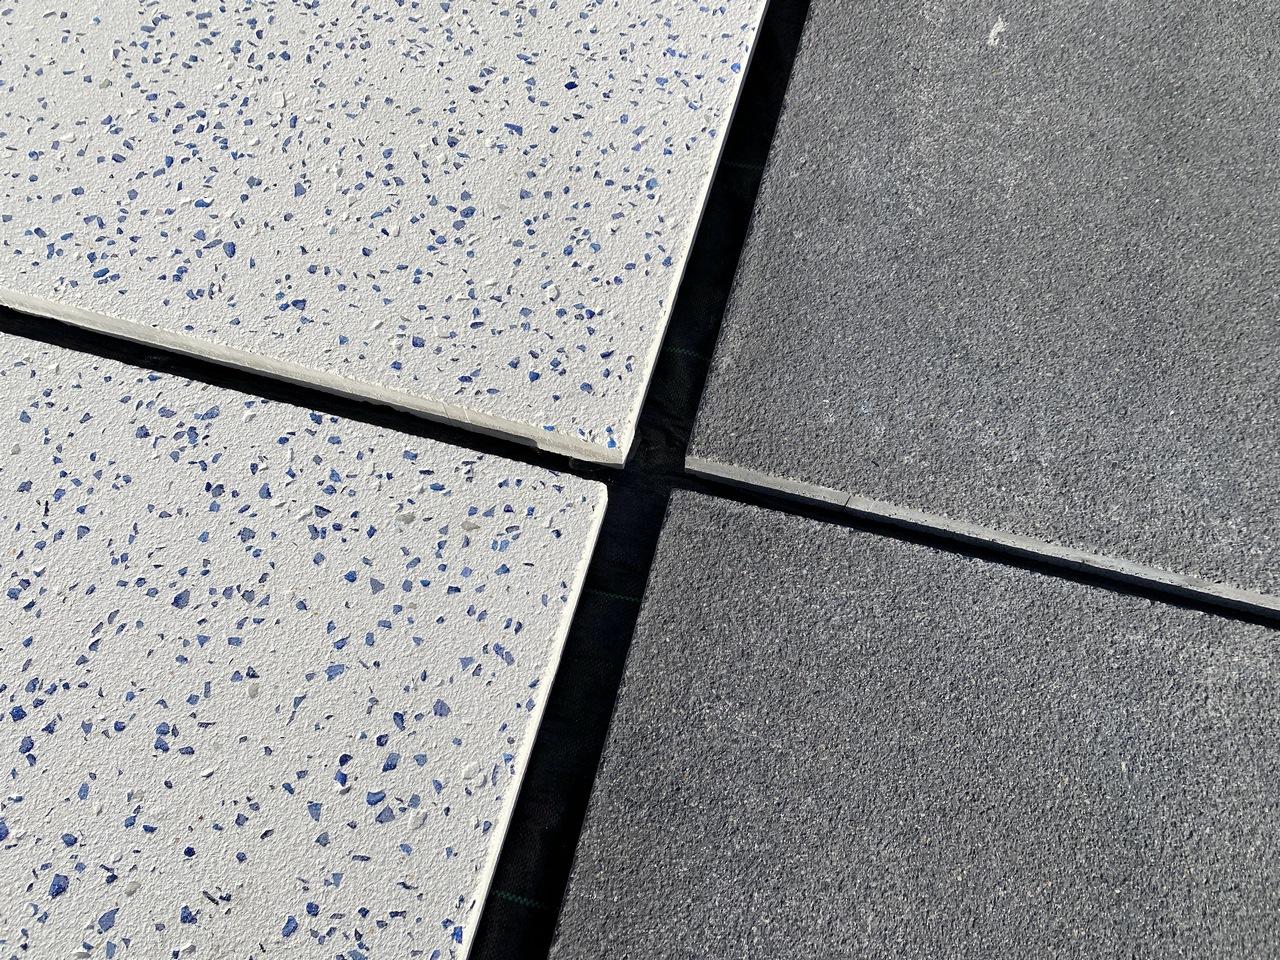 Losa-jardin-grande-blanca-1280×960 (28)